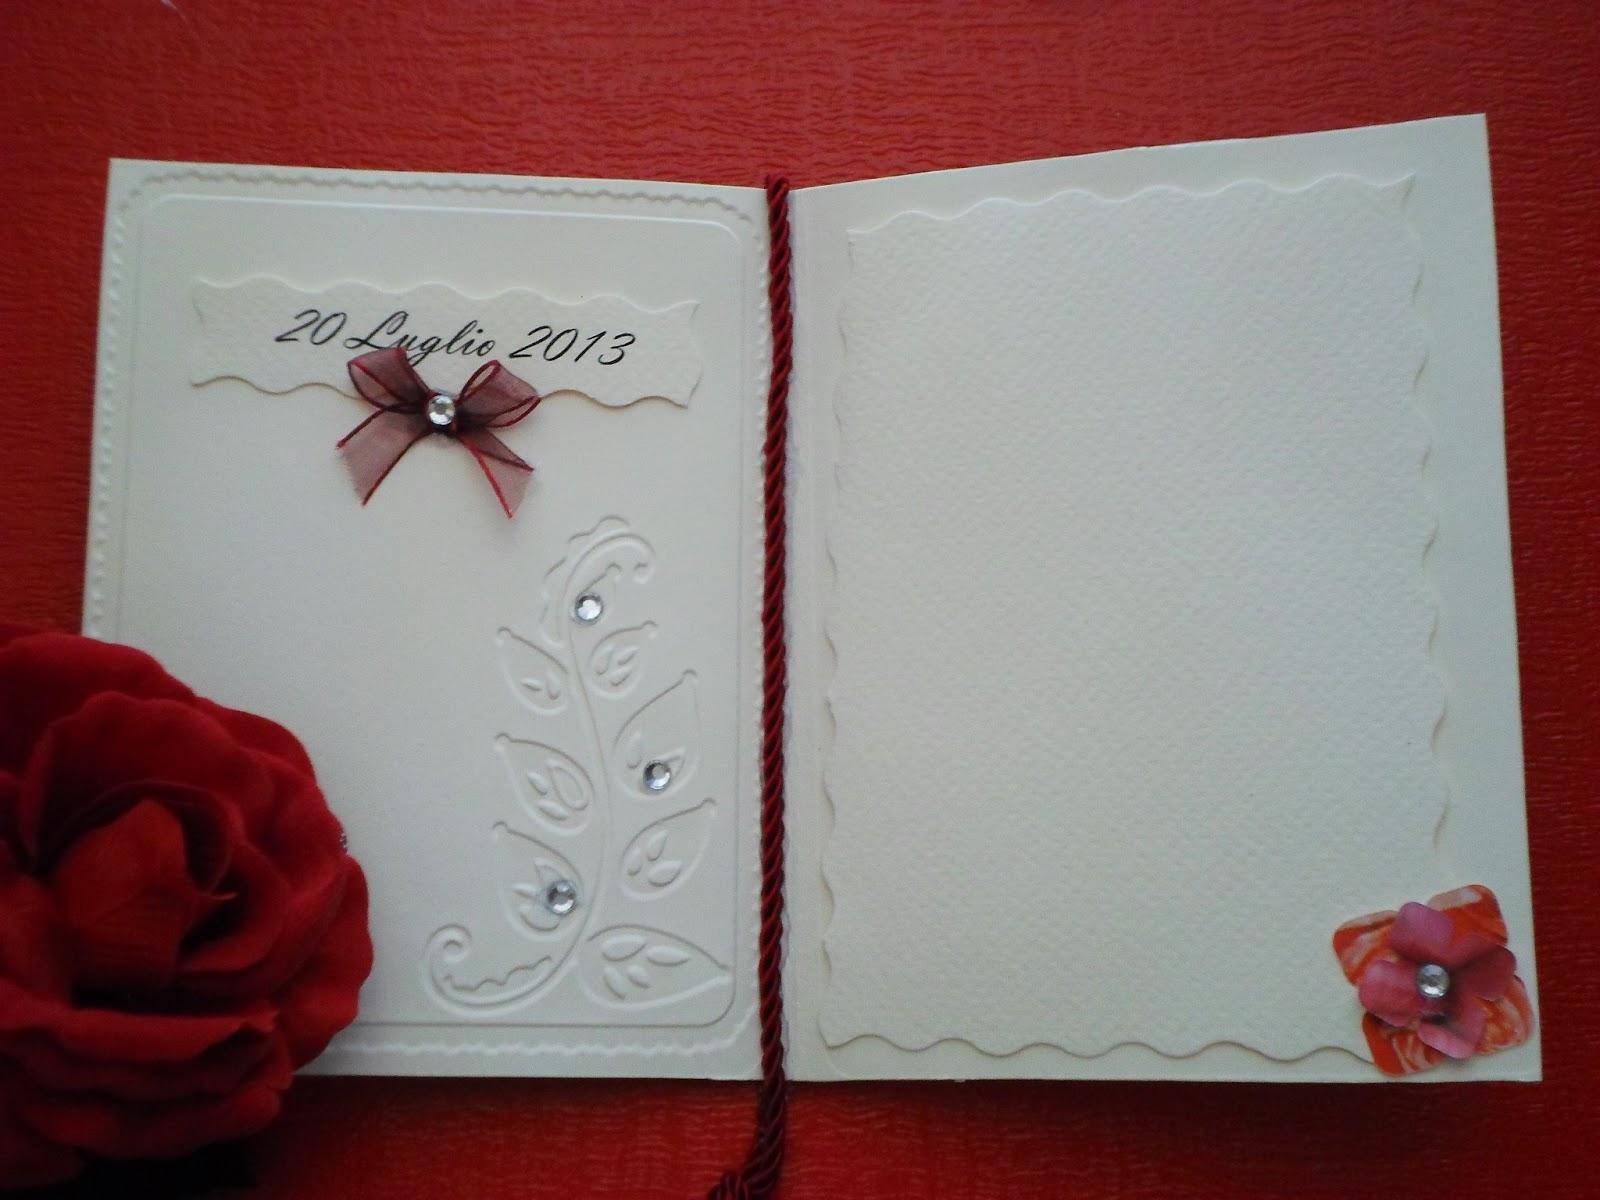 Matrimonio Auguri Inglese : Preziose raffinatezze biglietto auguri matrimonio fai da te